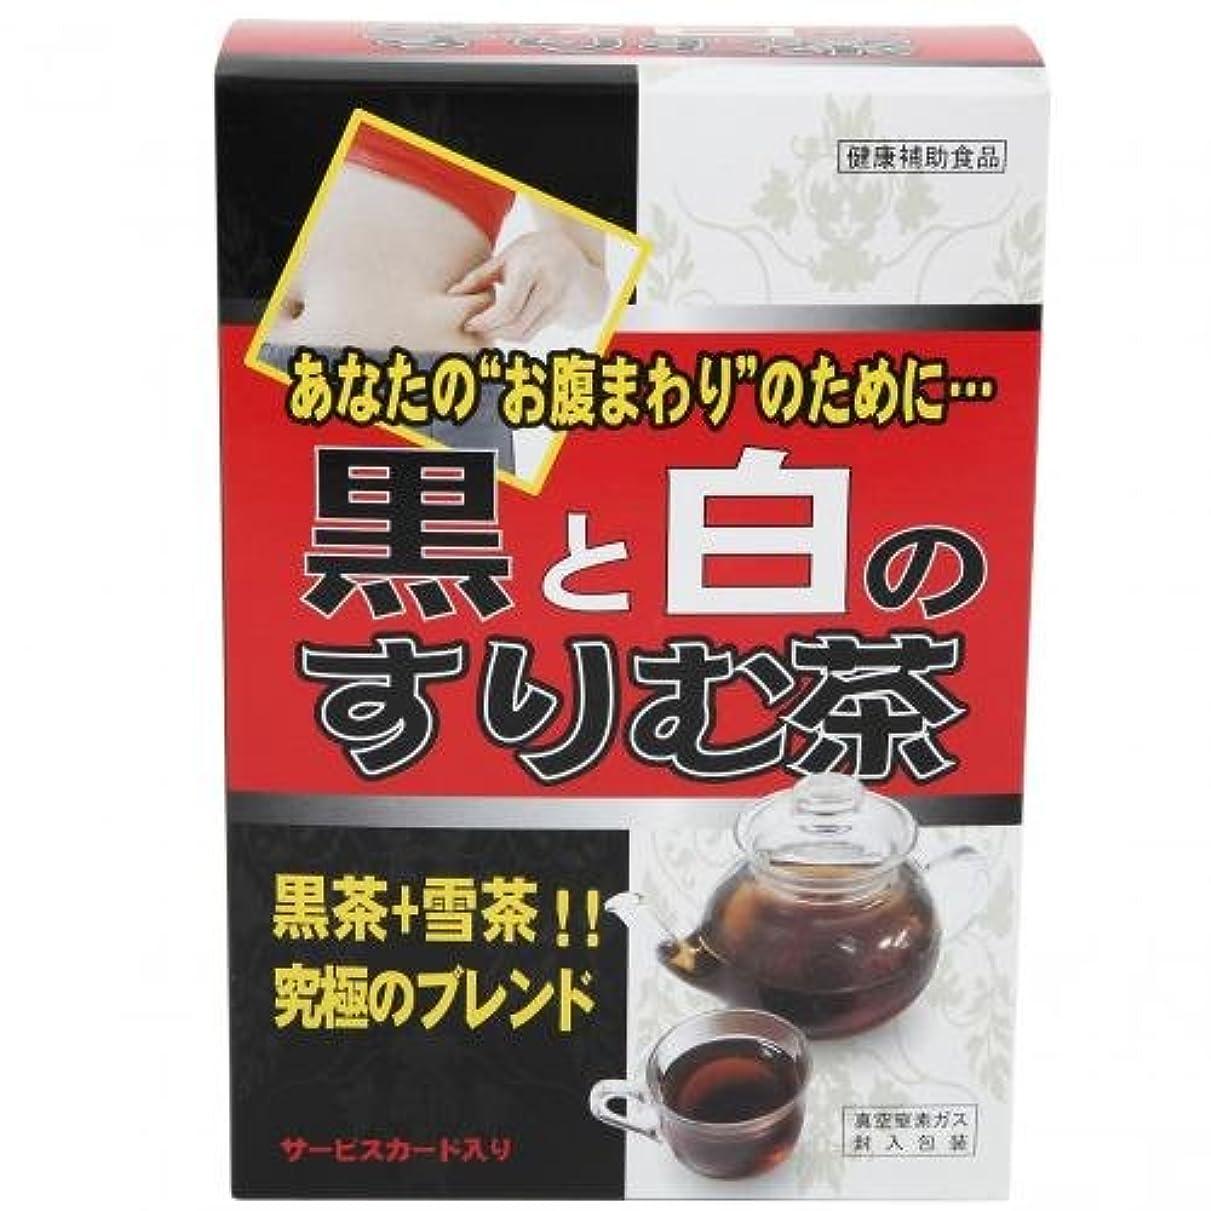 テーマアコーくるくる共栄黒と白のすりむ茶 24包